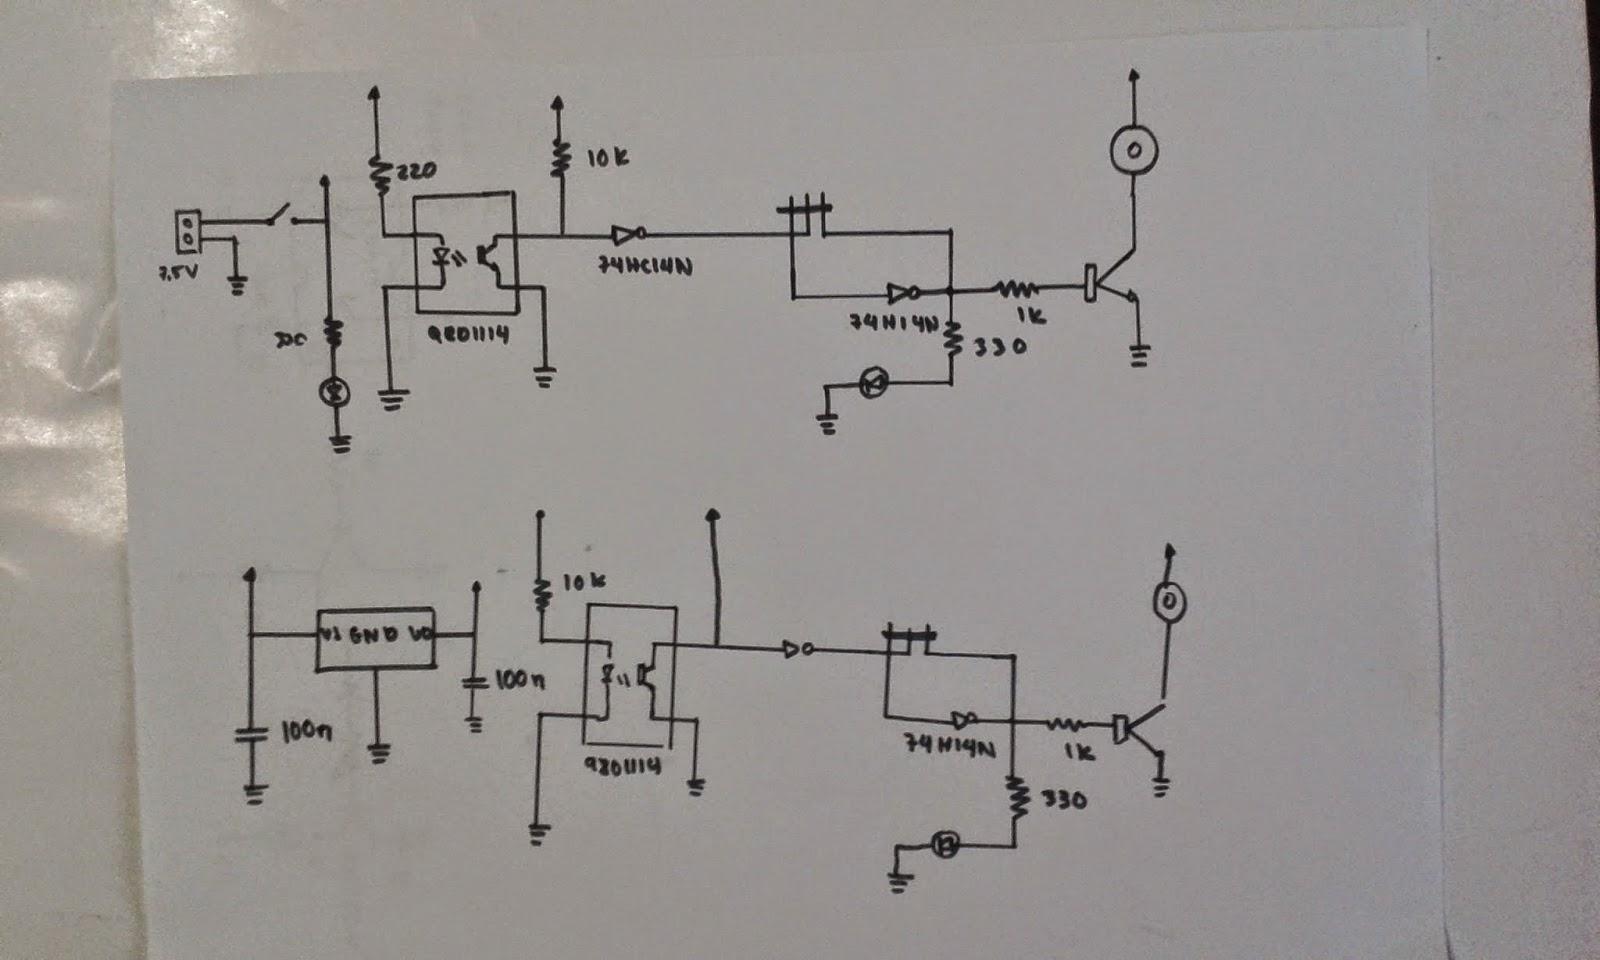 rm proyectos de electronica  diciembre 2014